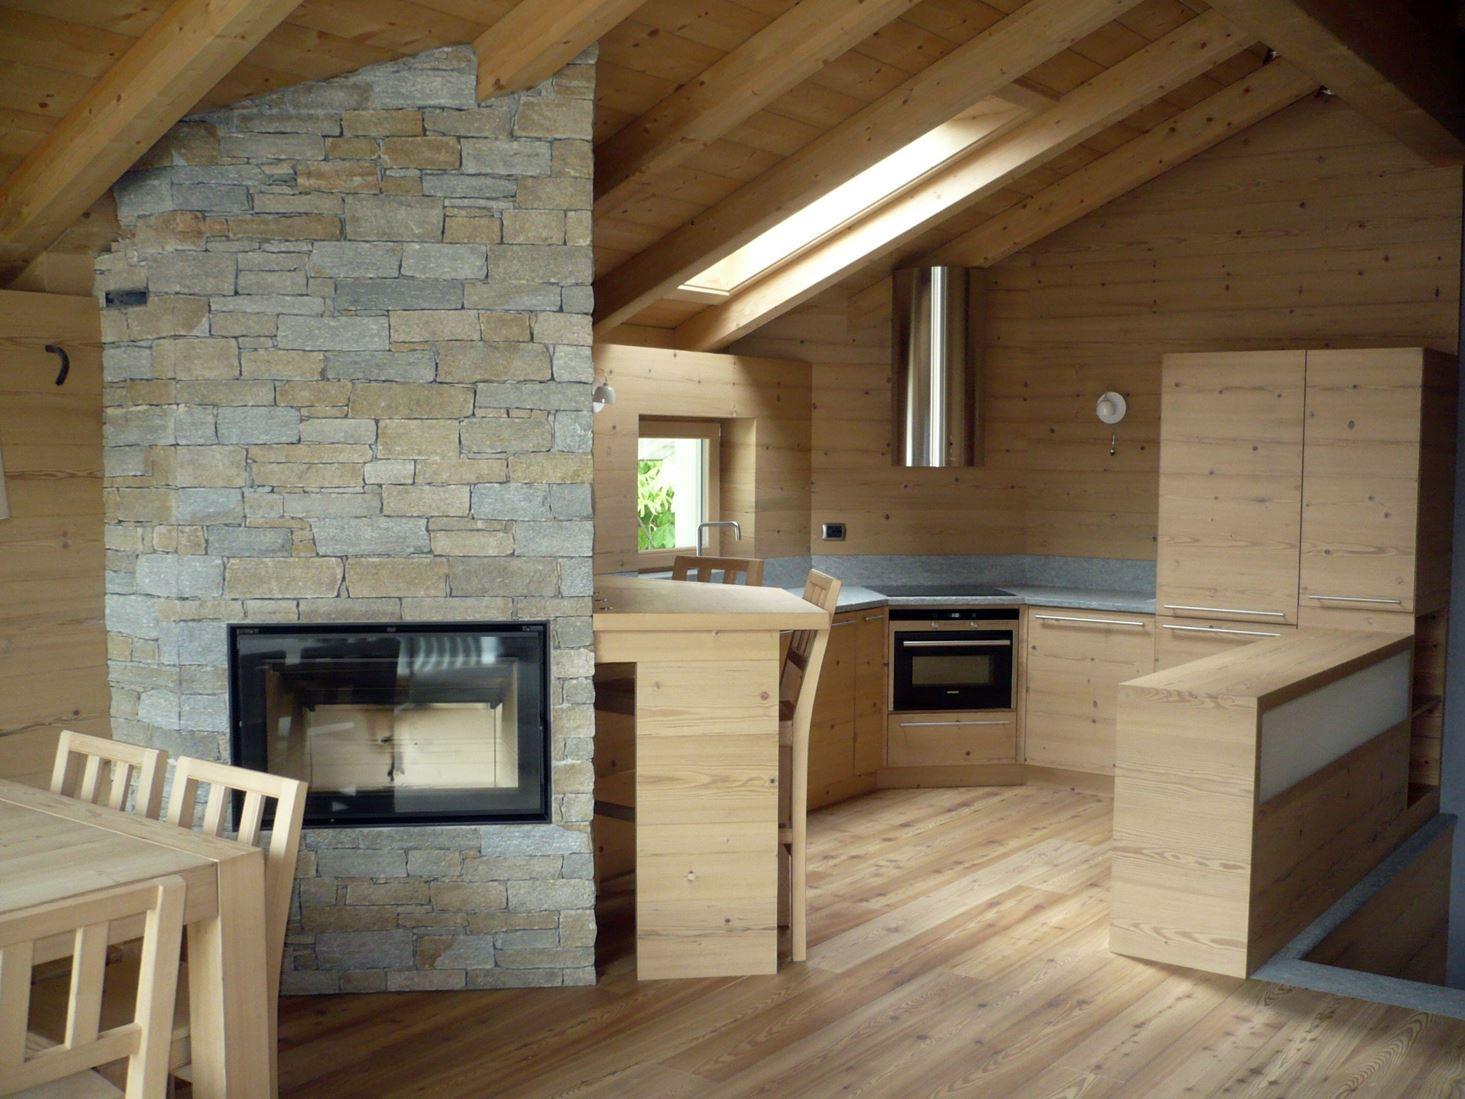 Un loft in legno nel sottotetto for Foto di mansarde arredate